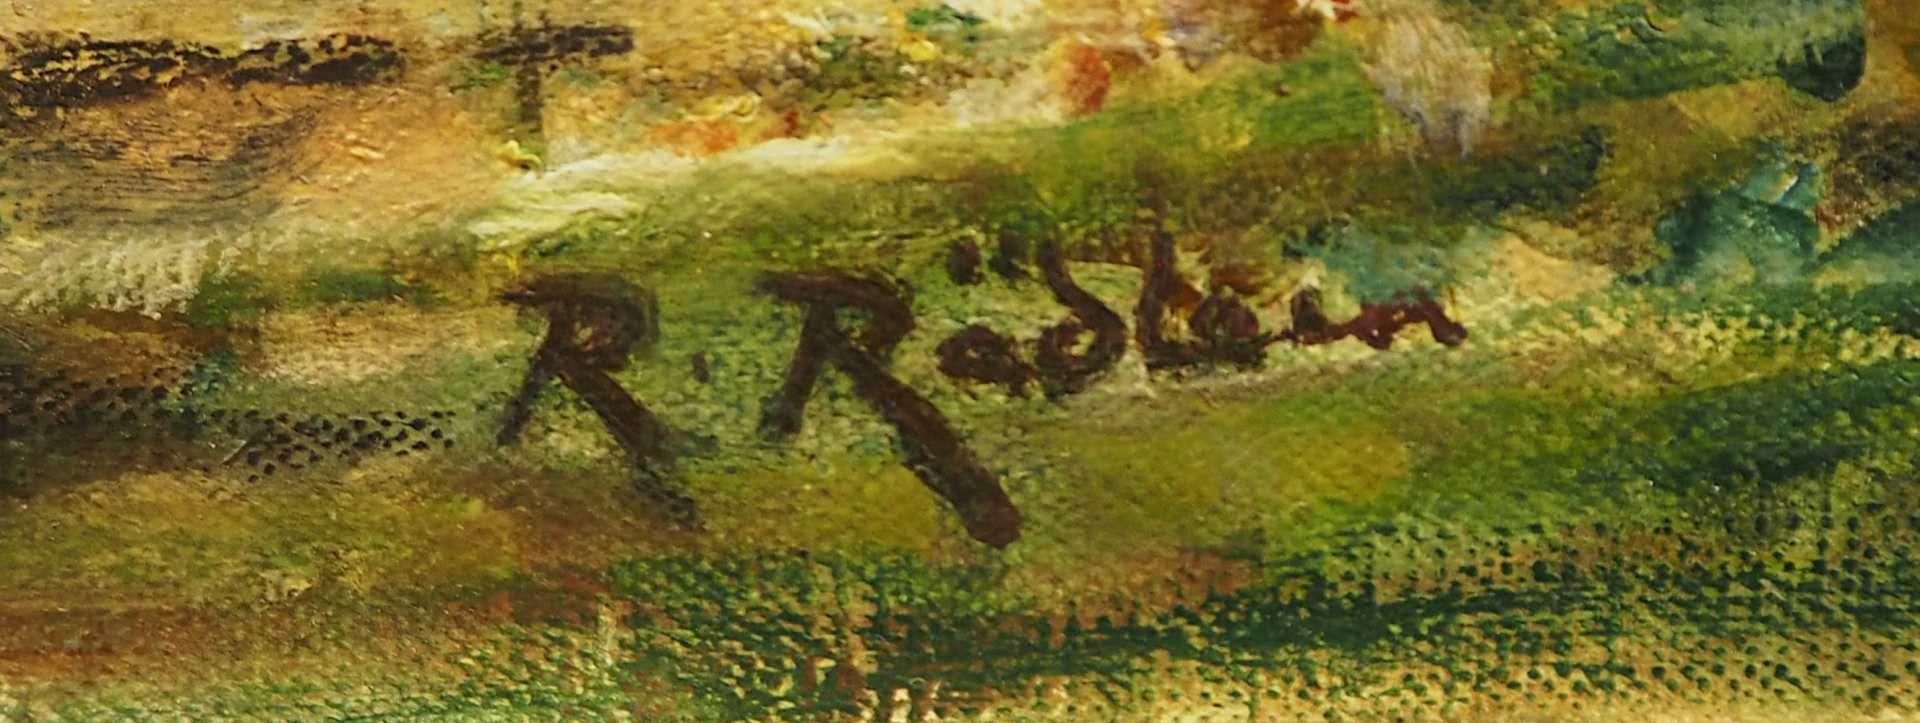 """1 Ölgemälde """"Beschauliche Dorfszenerie"""" R.u. sign. R. RÄDLEIN (wohl Rudolf R. 1858- - Bild 3 aus 4"""